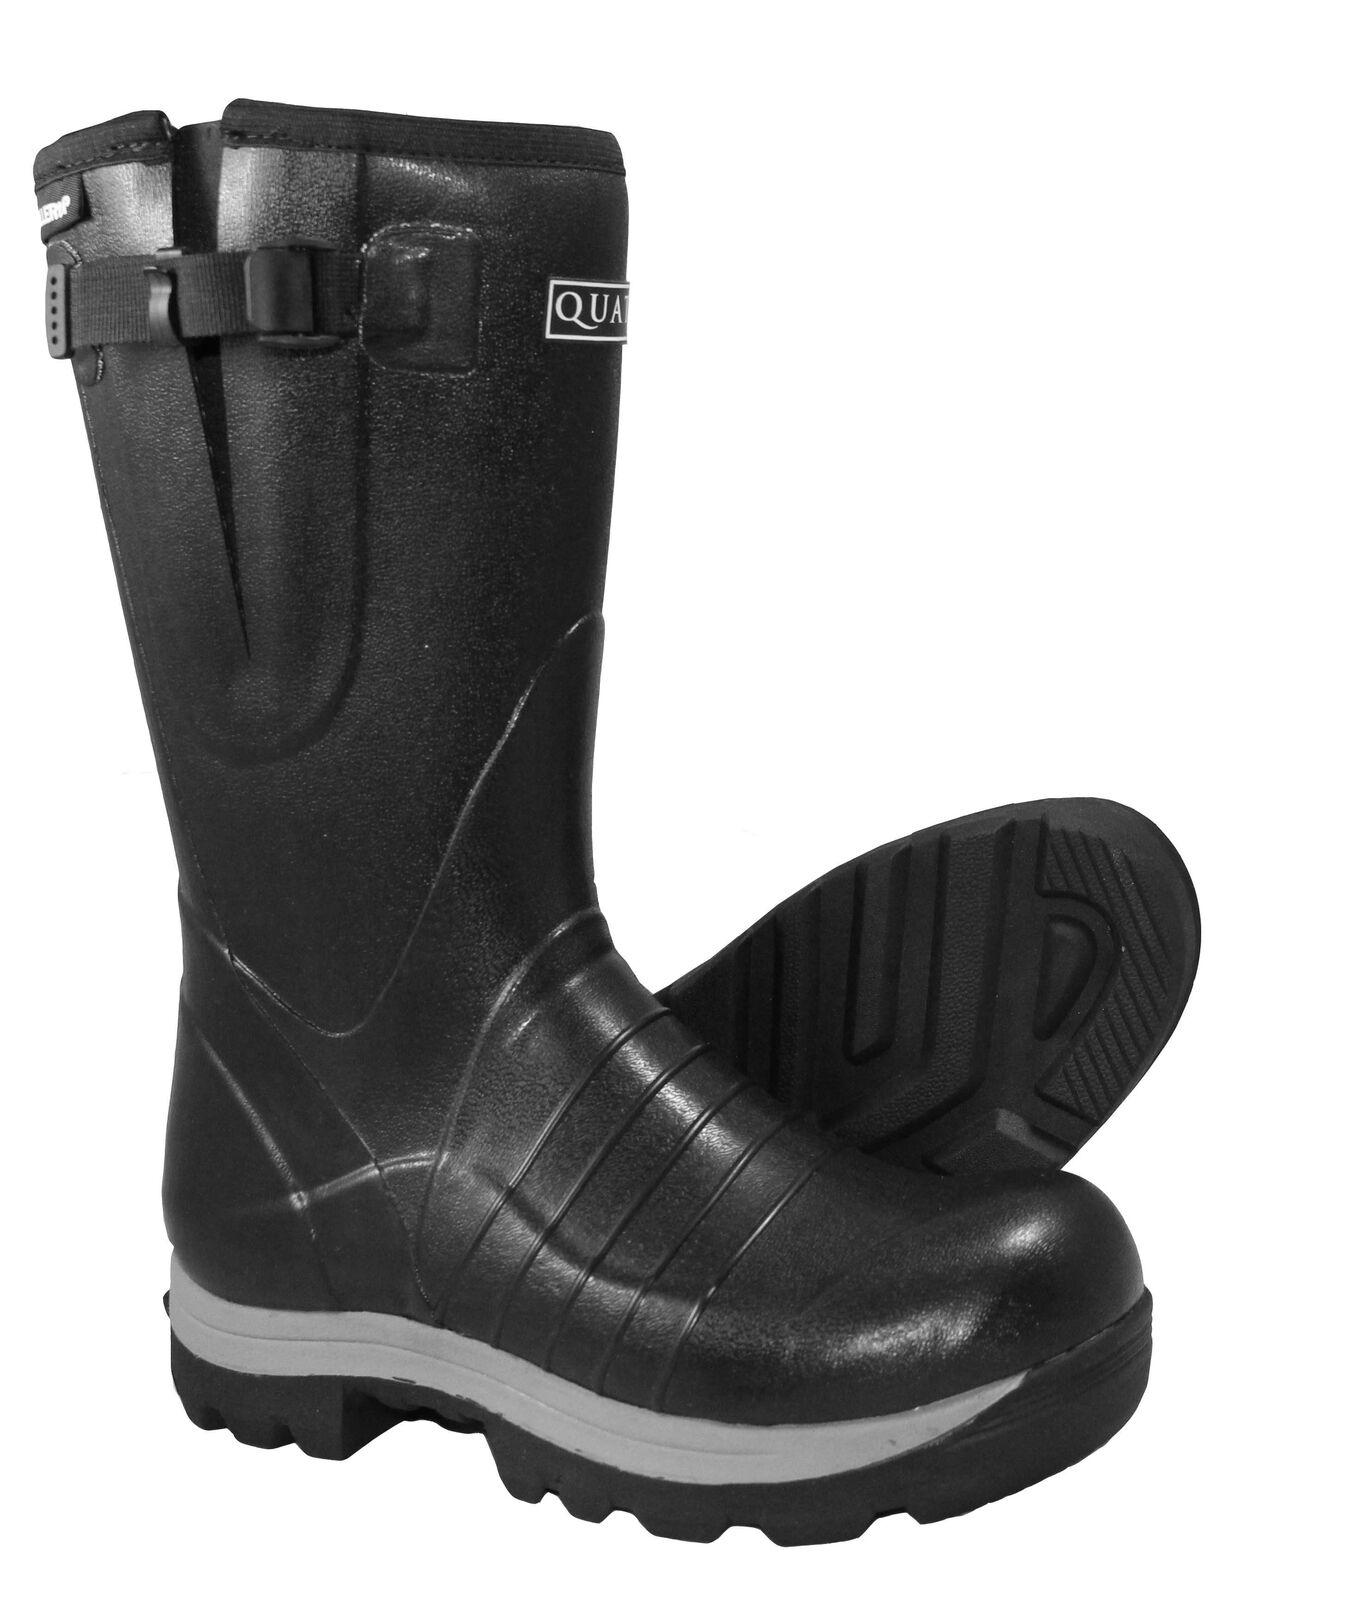 Nuevo Bolsoman skellerup Quatro Comfort Plus aislado Pantorrilla botas de 13